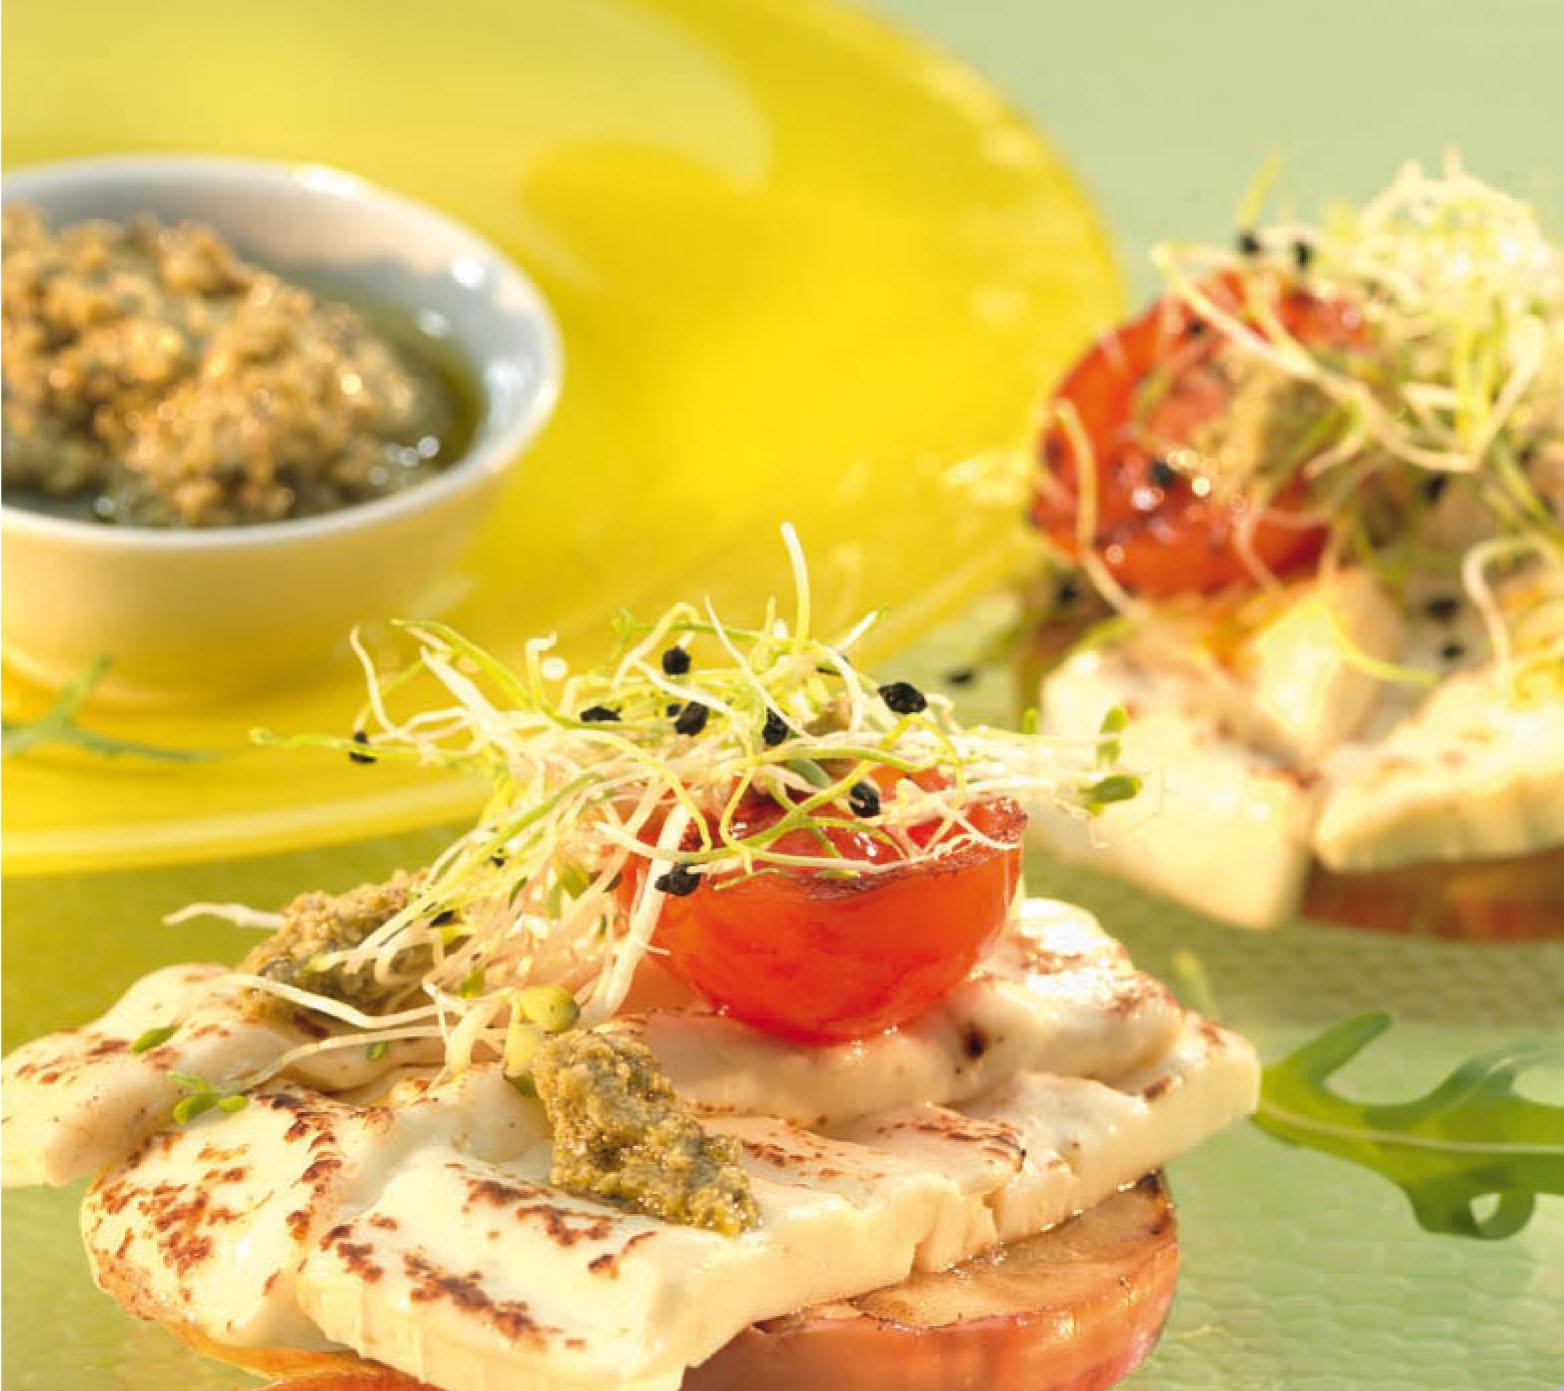 Camembert sajt grillezve, sült paradicsommal és rukkolával